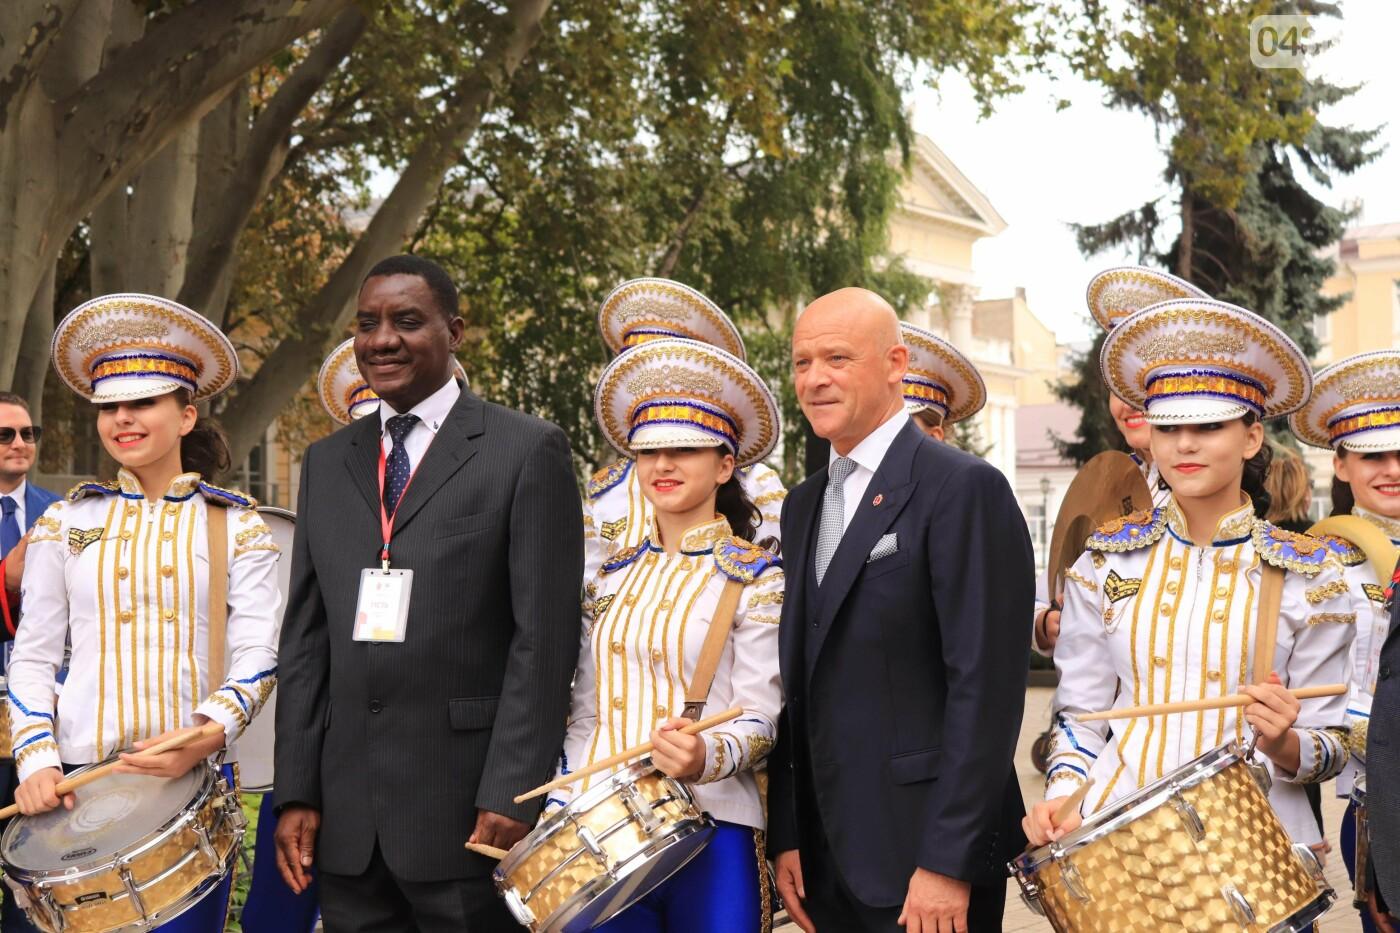 Труханов и делегация из Кении: в центре Одессы торжественно открыли табличку города Момбаса, - ФОТО, фото-5